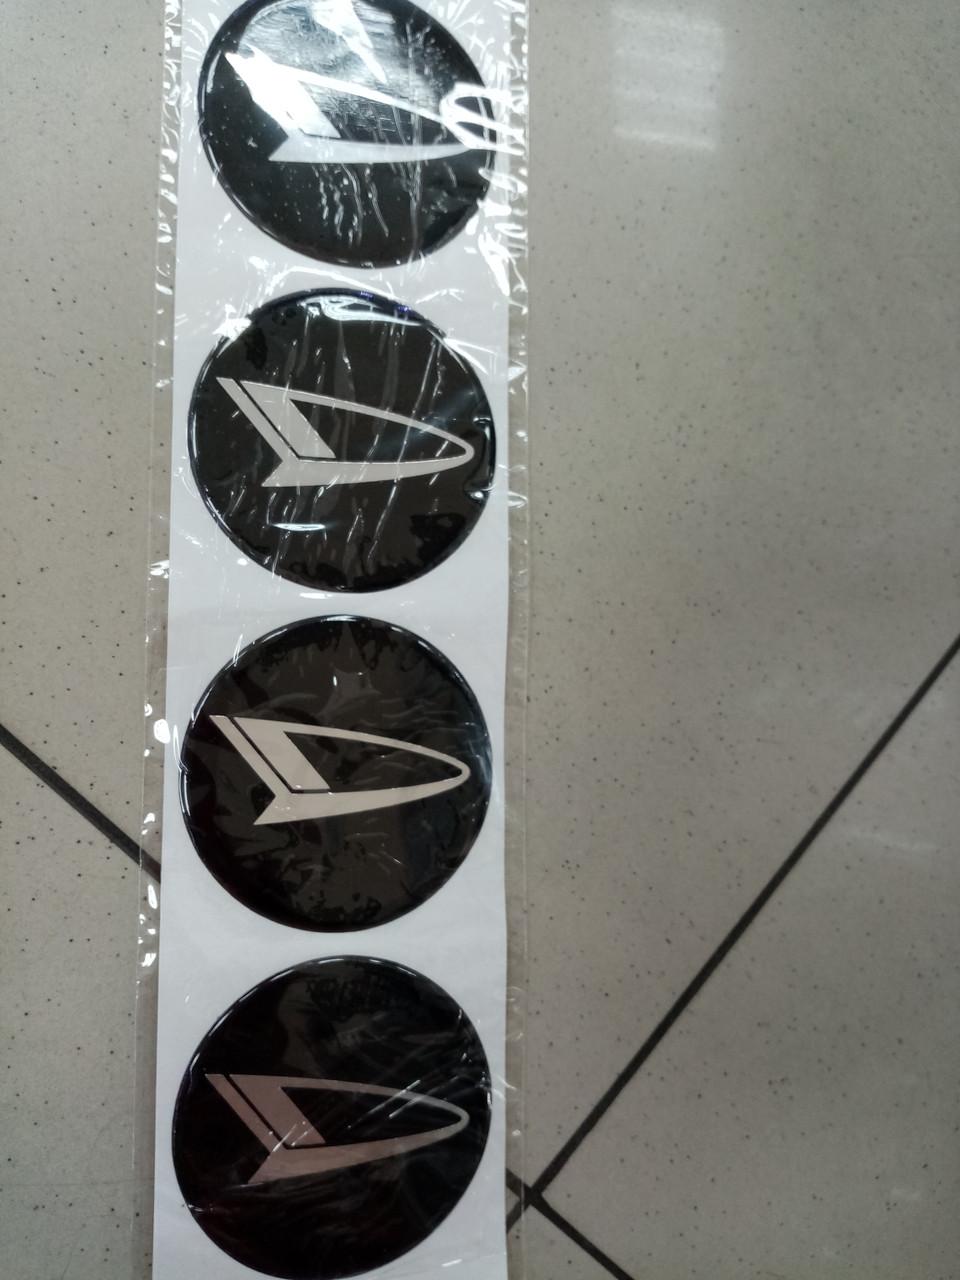 Заказ покупателя комплект 3D силиконовых наклеек DAIHATSU  75 мм